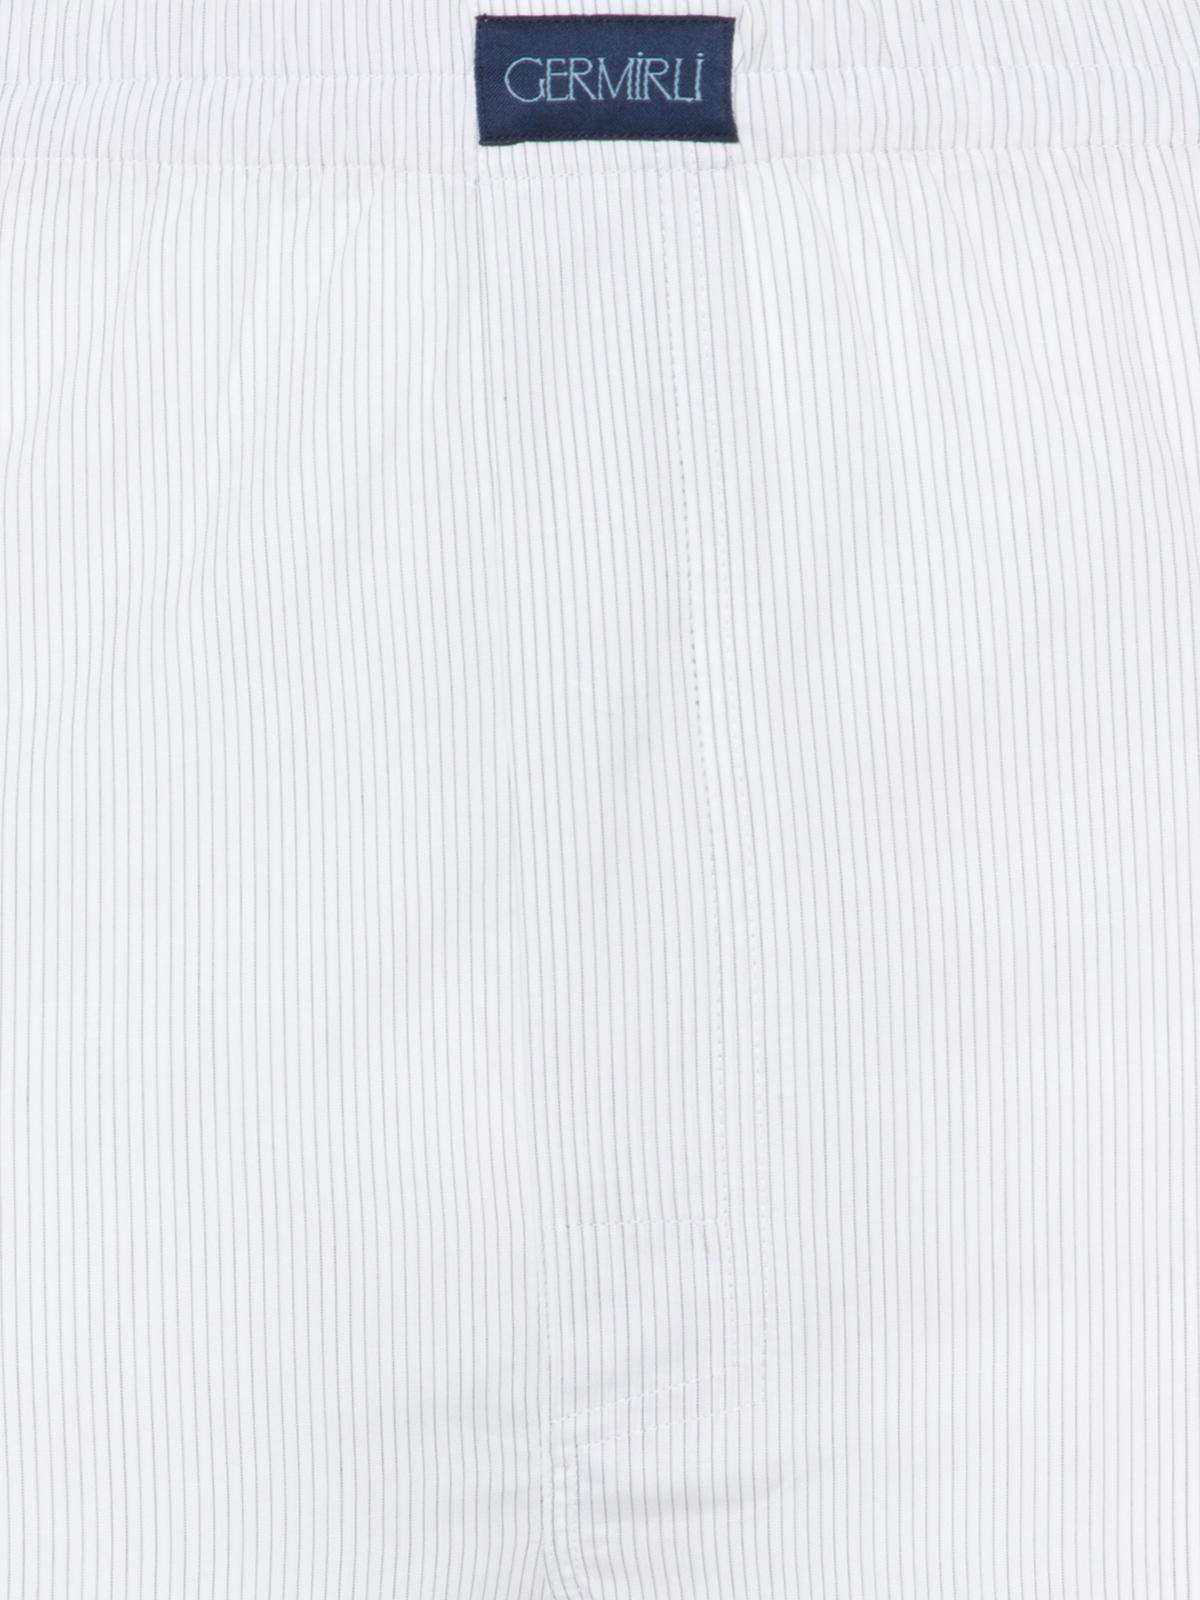 Germirli Beyaz Laci İnce Çizgili Pamuk Boxer Şort